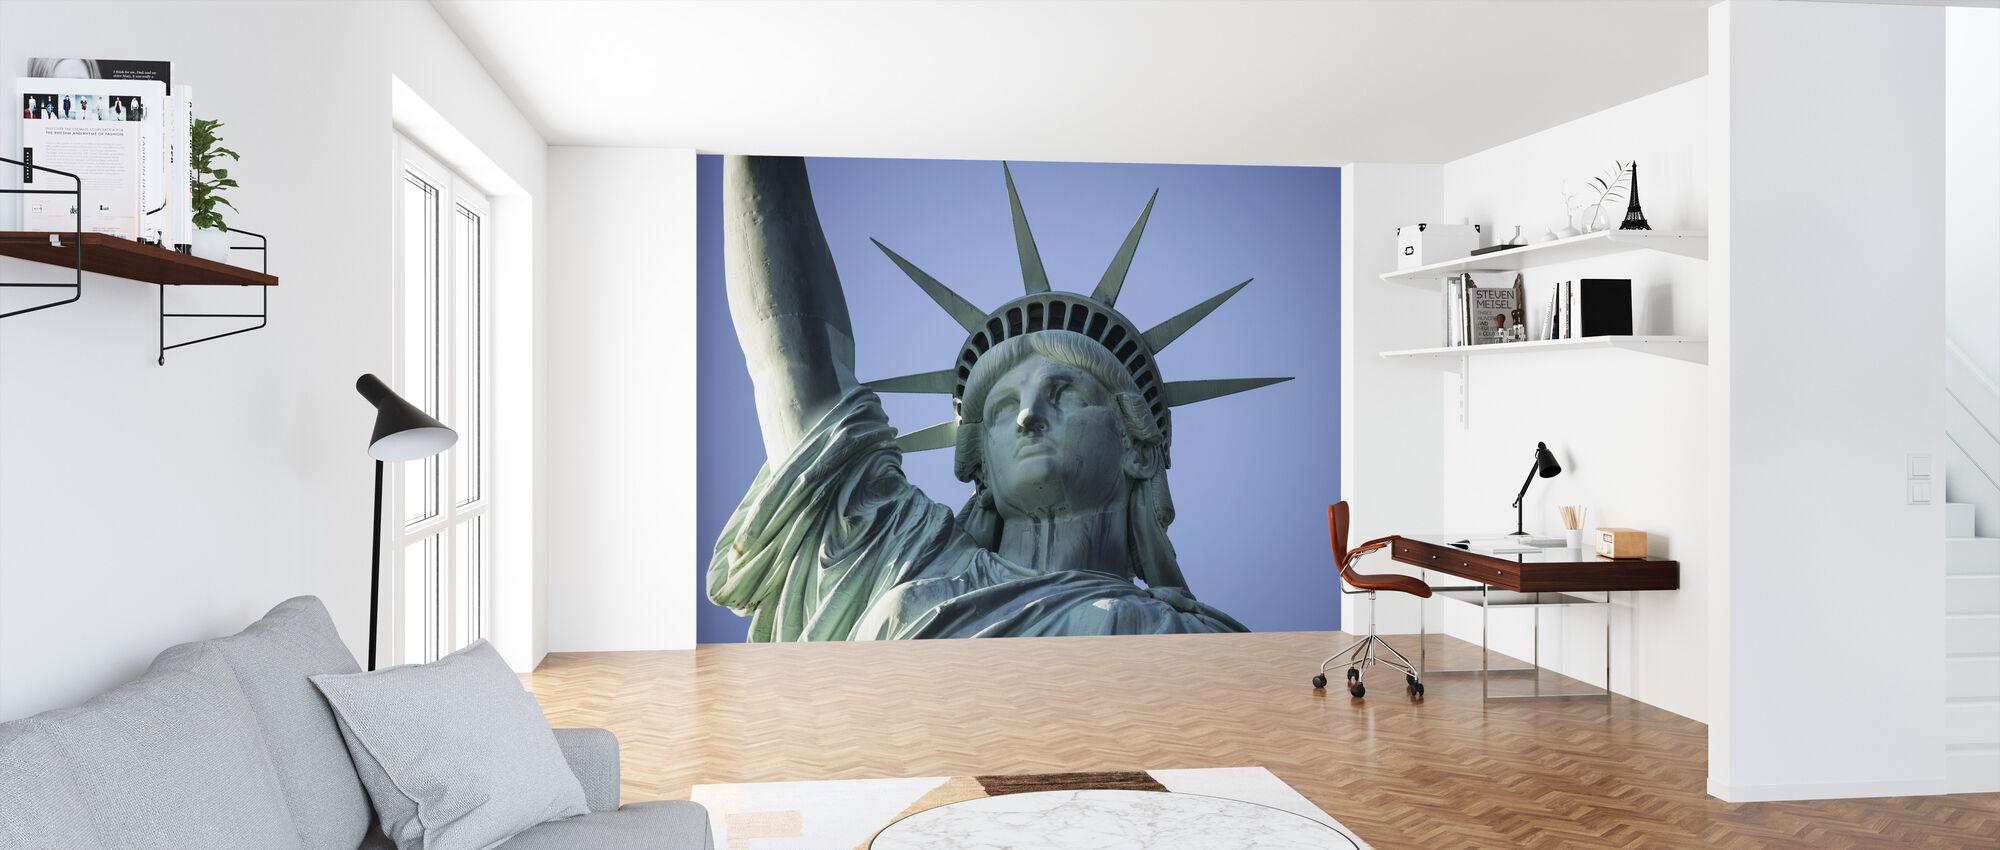 Vrijheidsbeeld - Behang - Kantoor